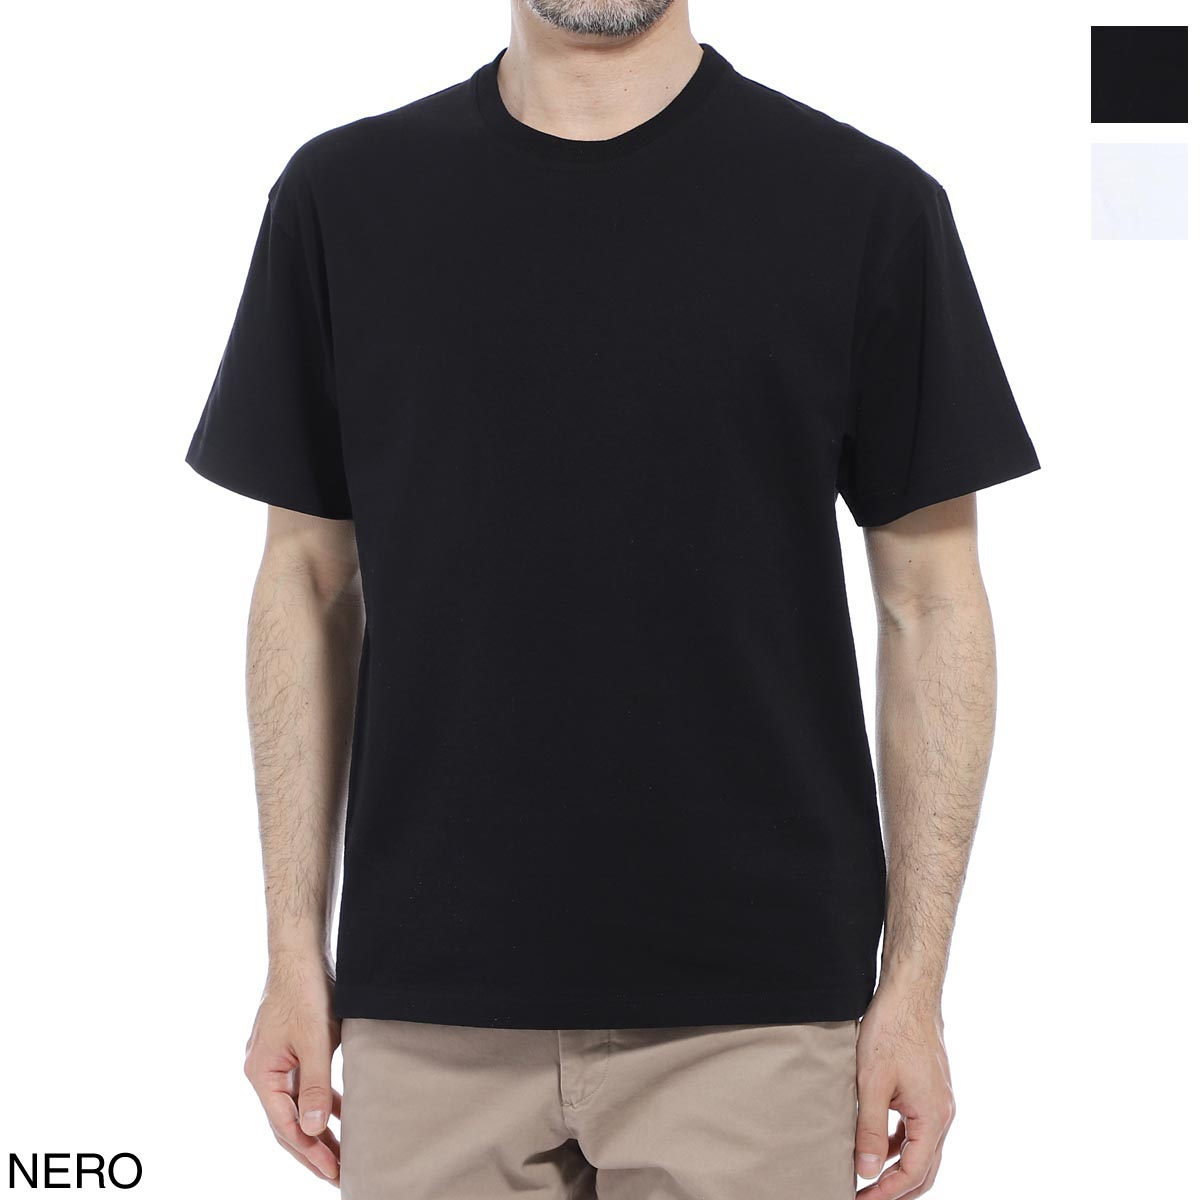 ボッテガヴェネタ BOTTEGA VENETA クルーネック 半袖Tシャツ メンズ 617933 vf1u0 1000 SUNRISE CREW-NECK COTTON T-SHIRT【あす楽対応_関東】【返品送料無料】【ラッピング無料】